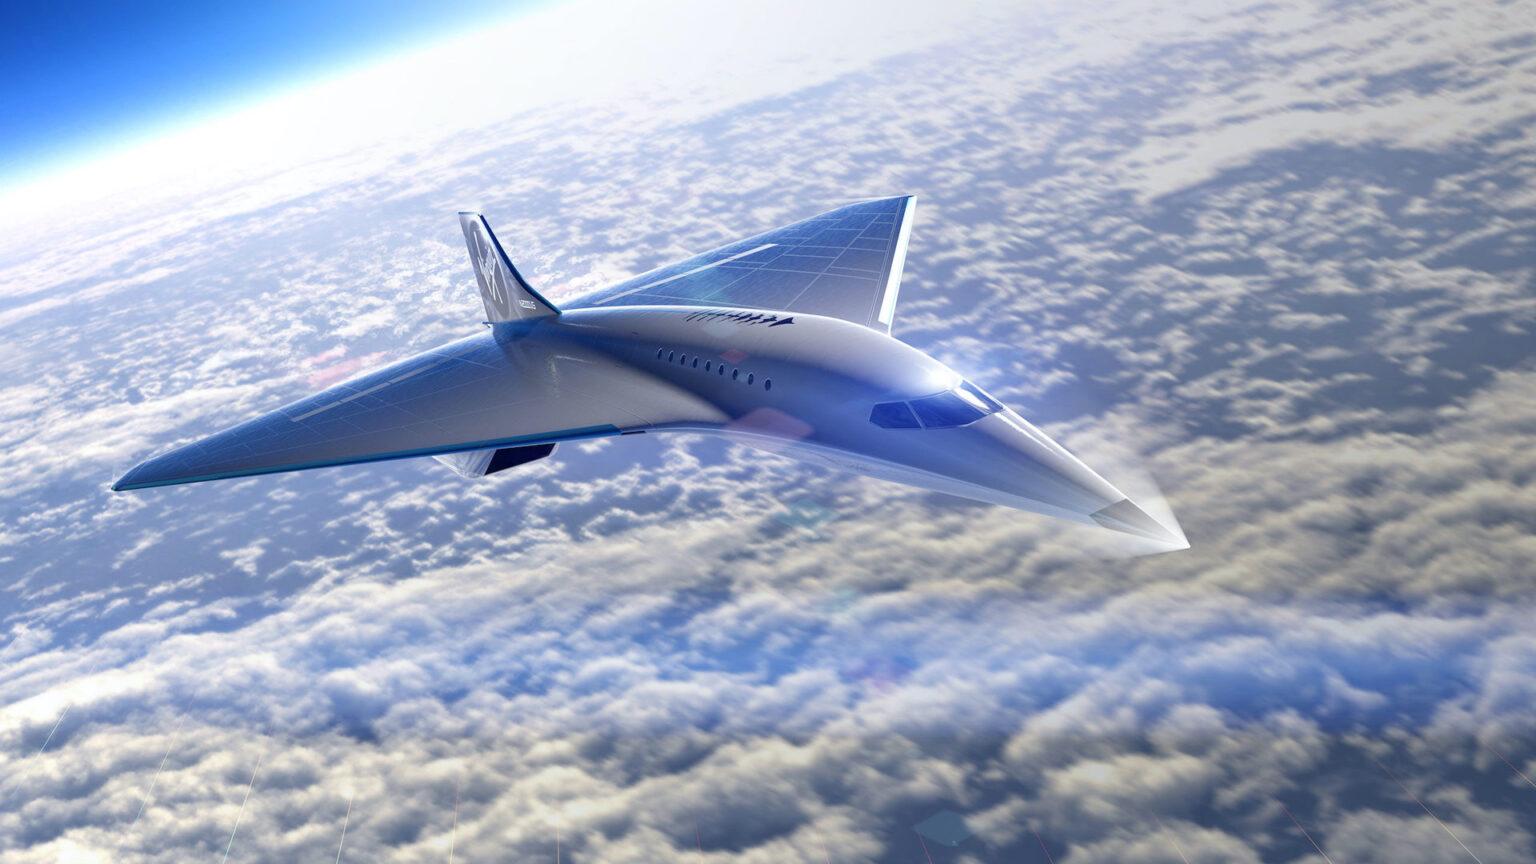 El nuevo avión supersónico